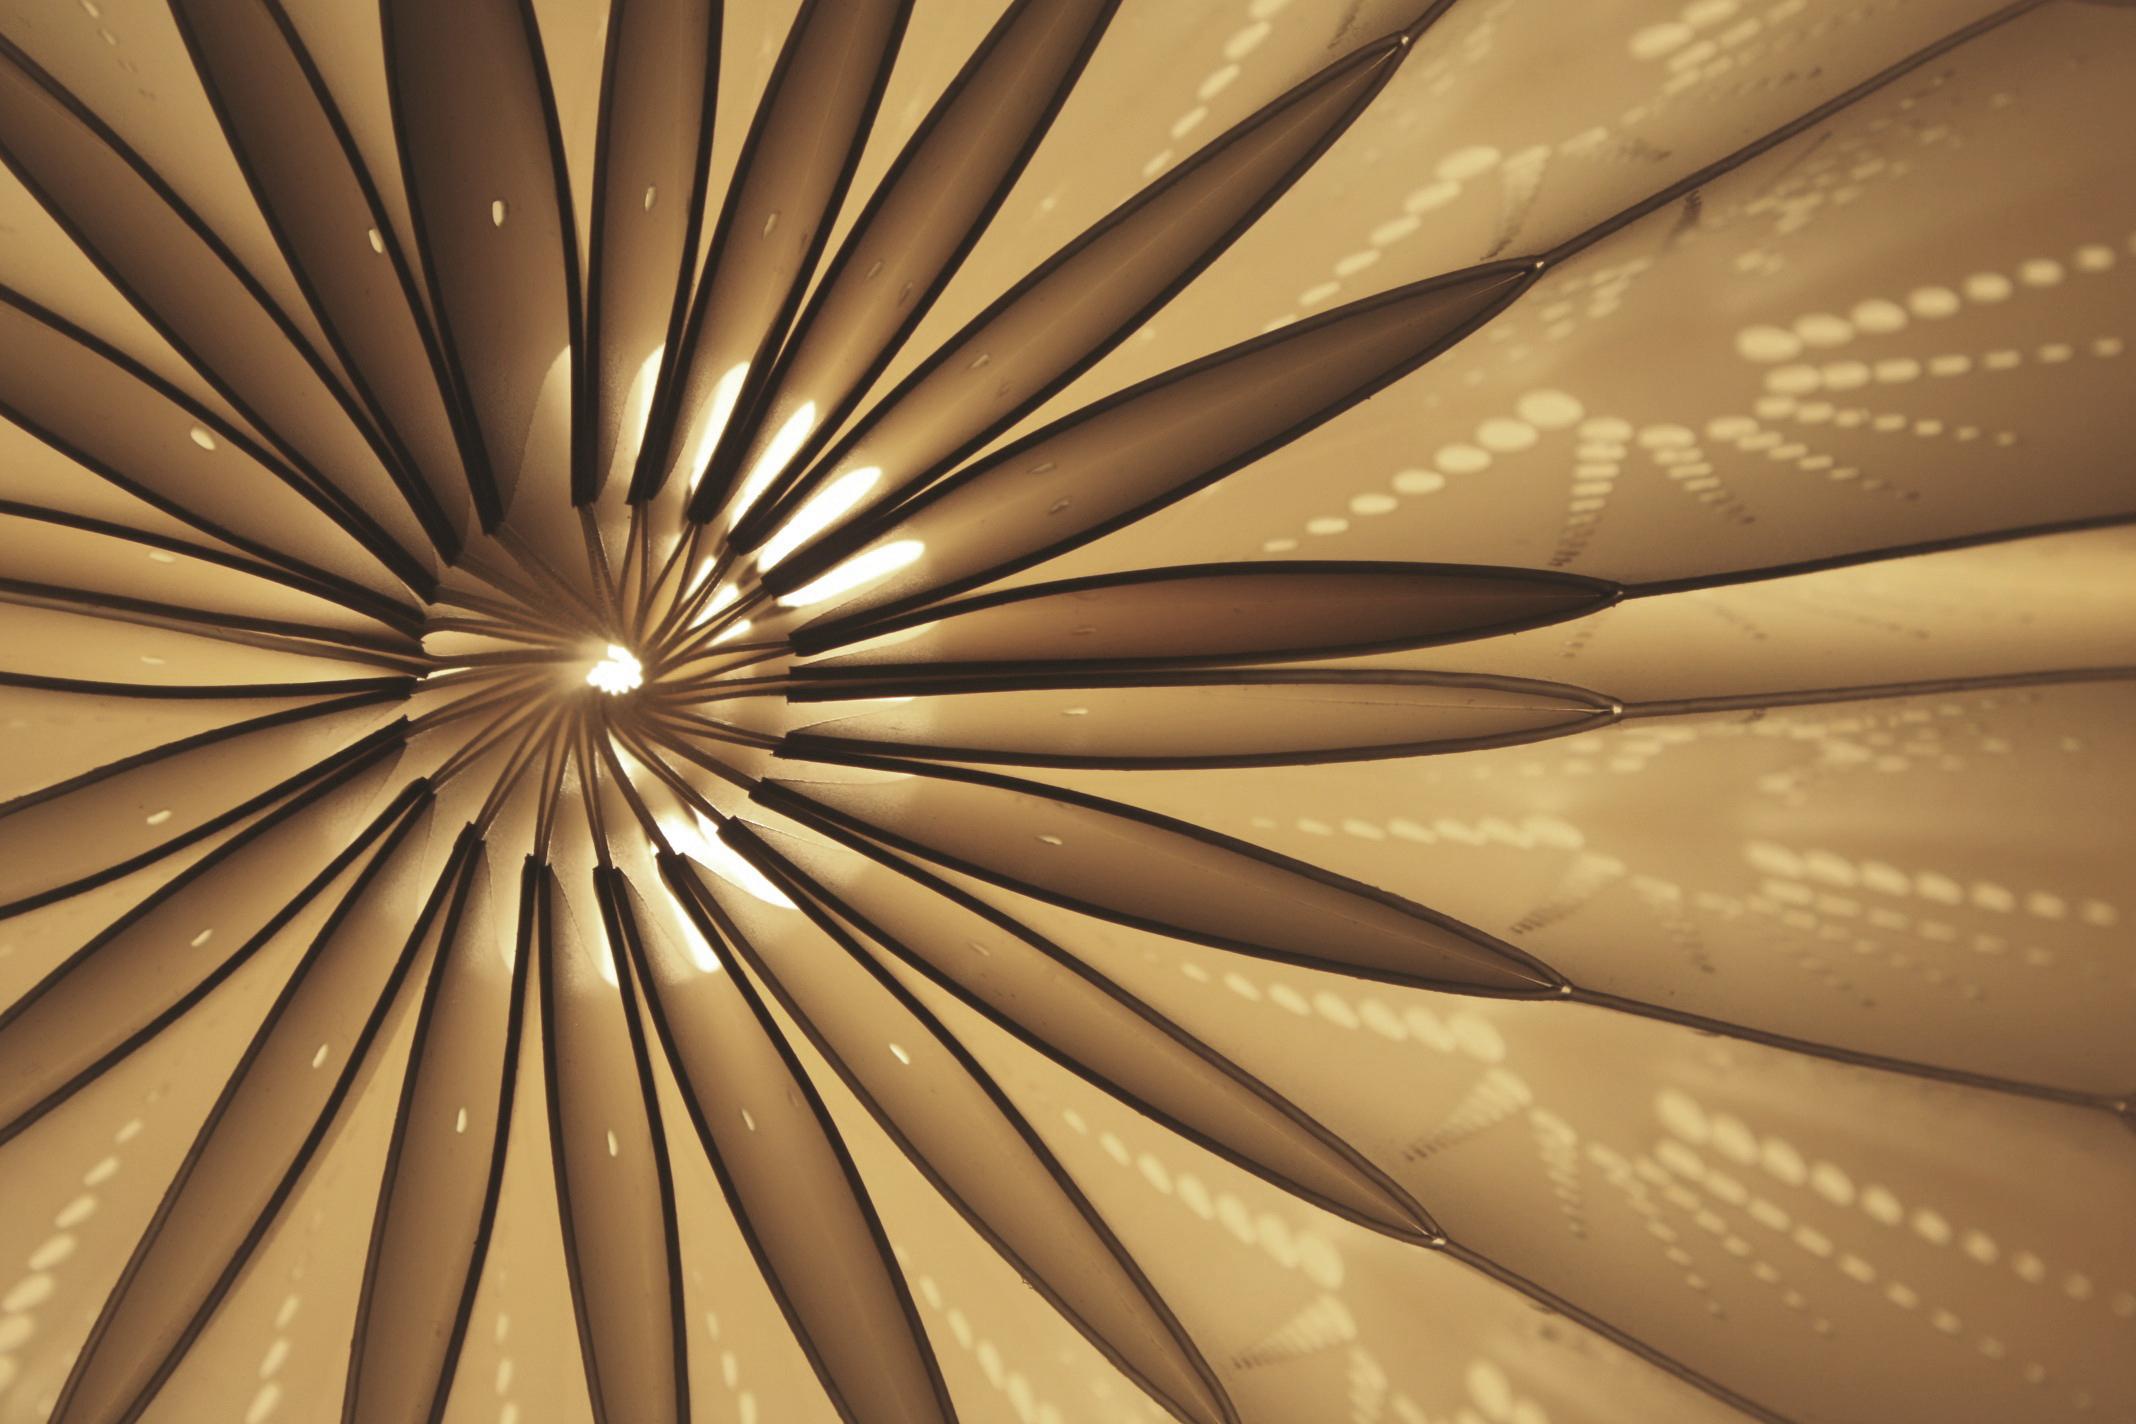 Star_Bespoke_Handmade_pleated_lampshade.jpg